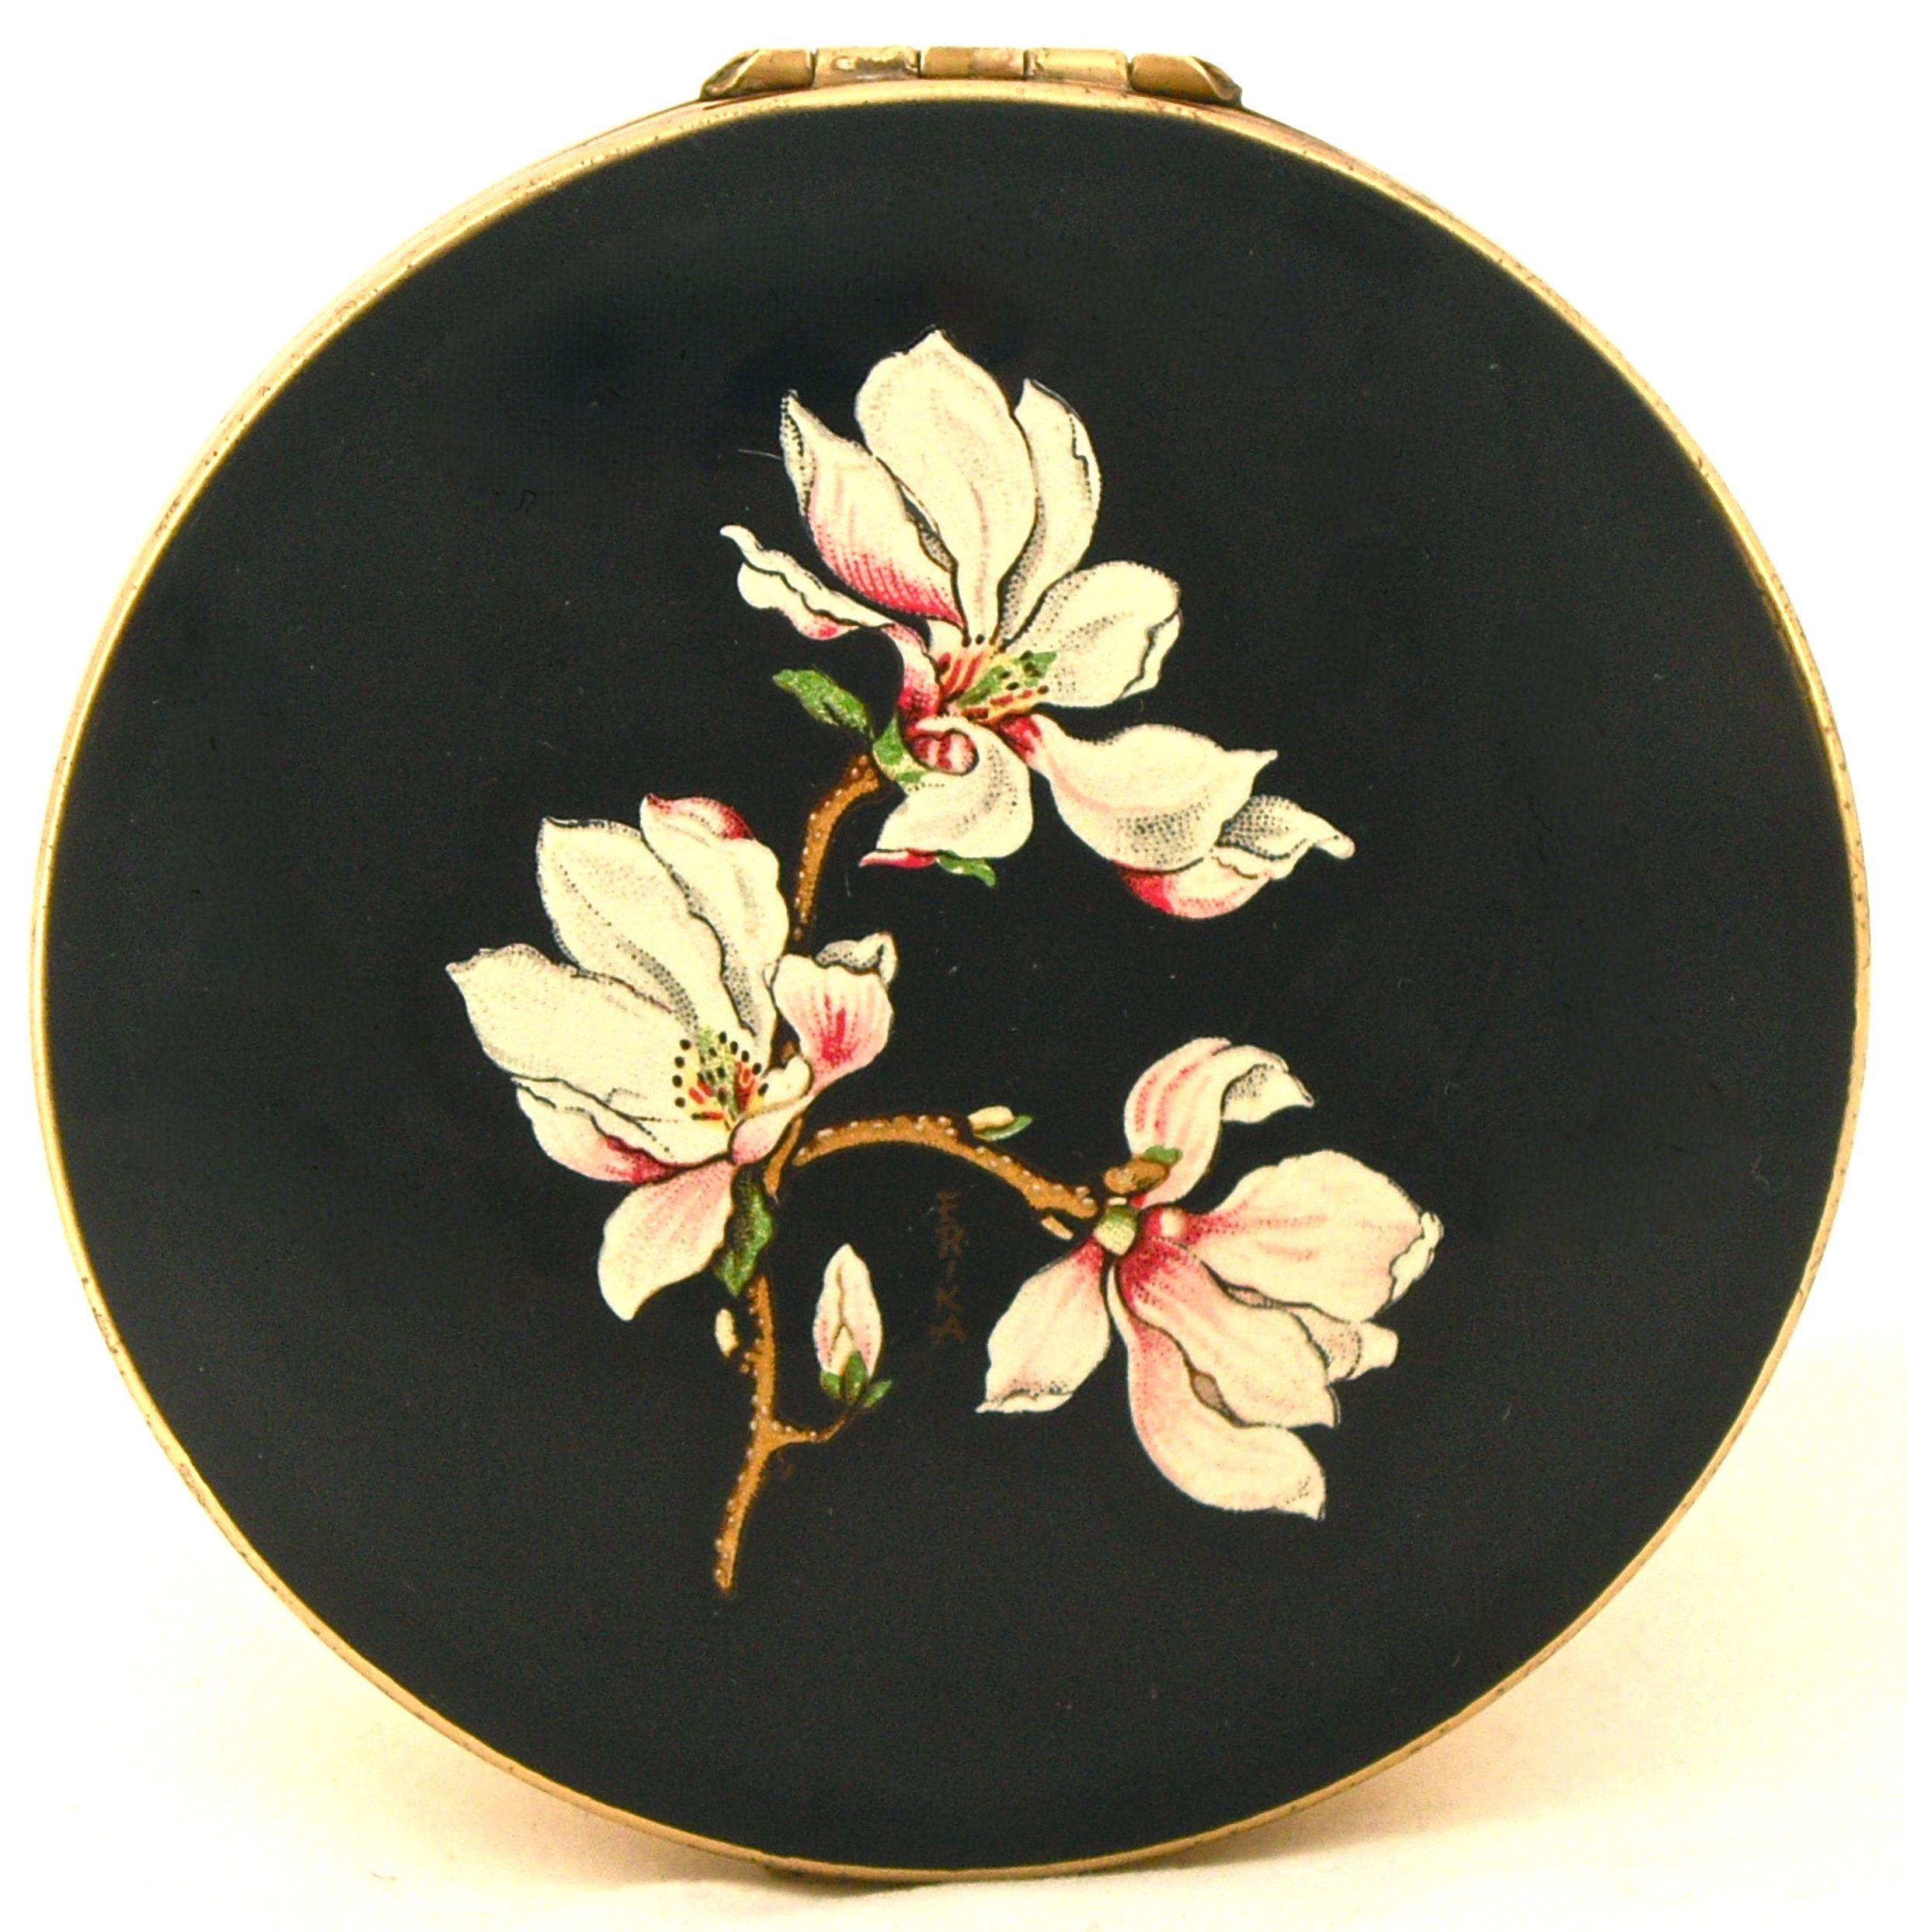 Vintage Stratton magnolias compact - Erika